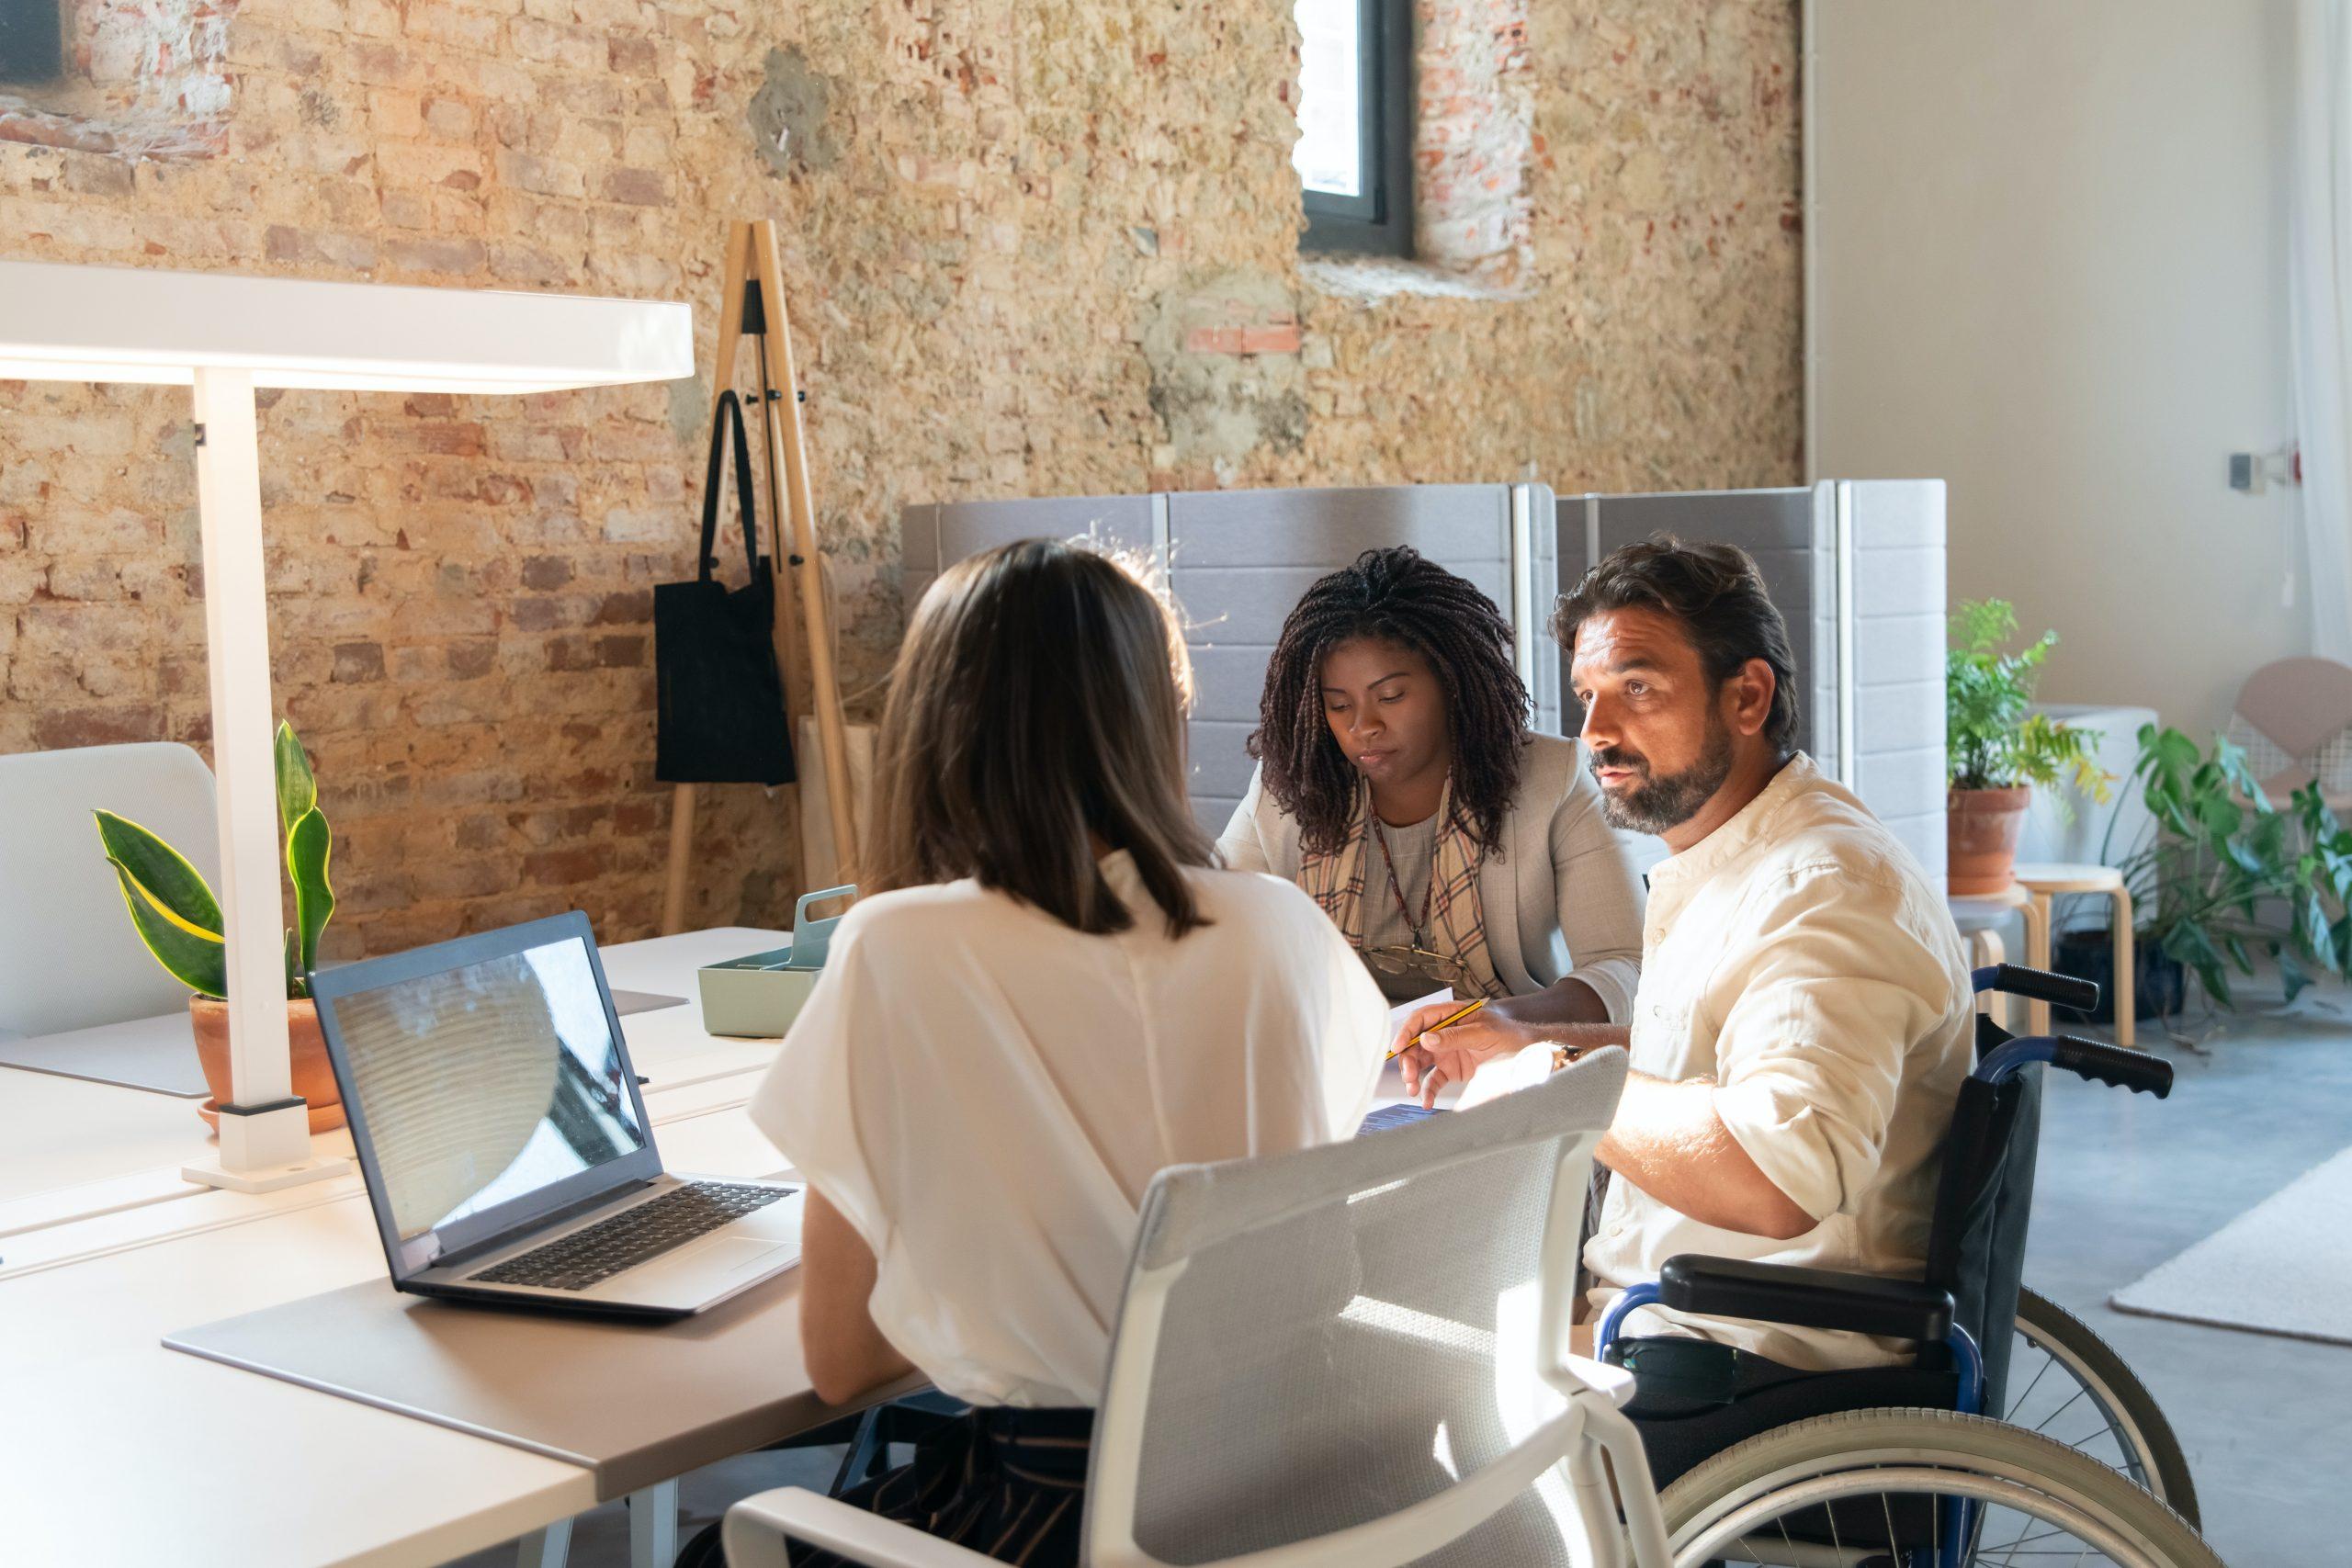 Imagen de tres personas entorno a una mesa de trabajo, una de le ellas en silla de ruedas